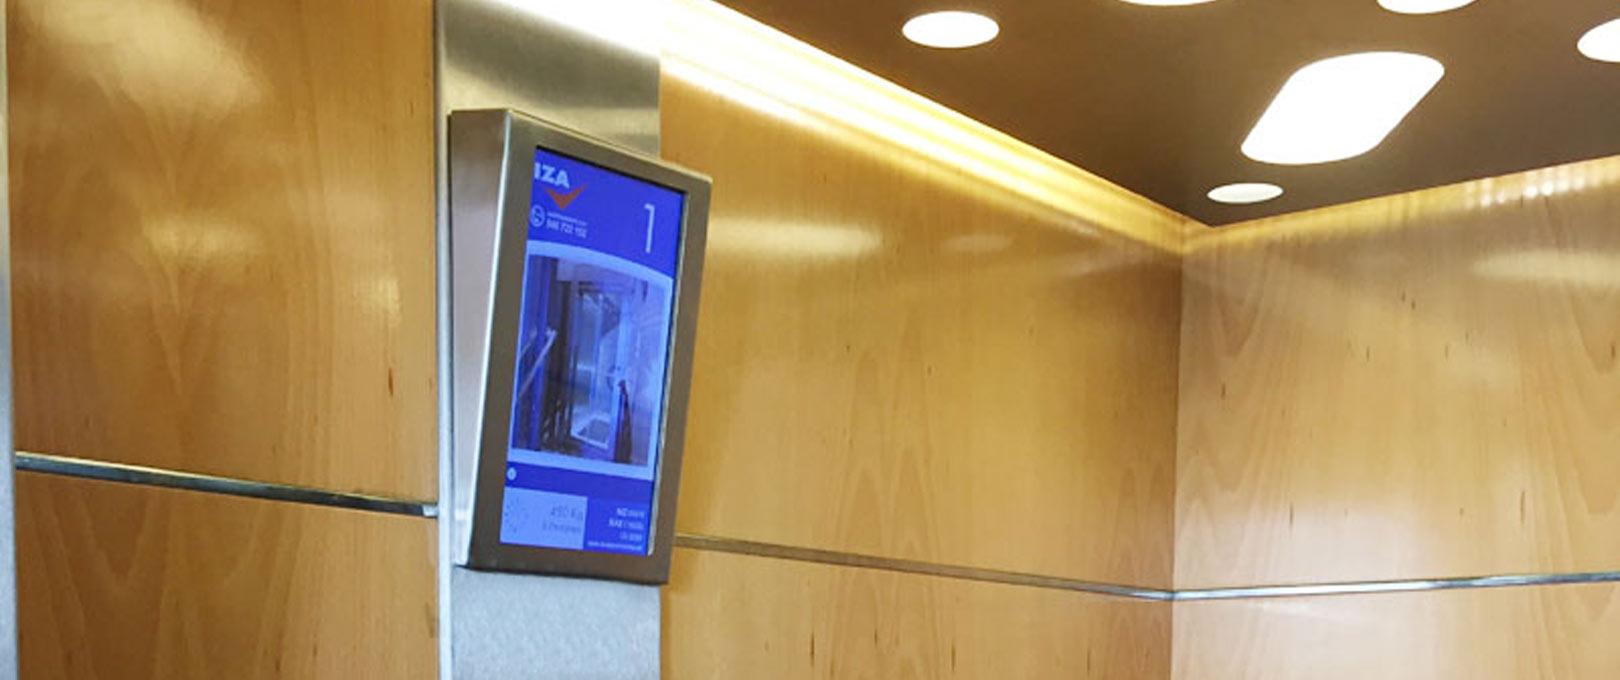 Iza ascensores diseña el ascensor interactivo